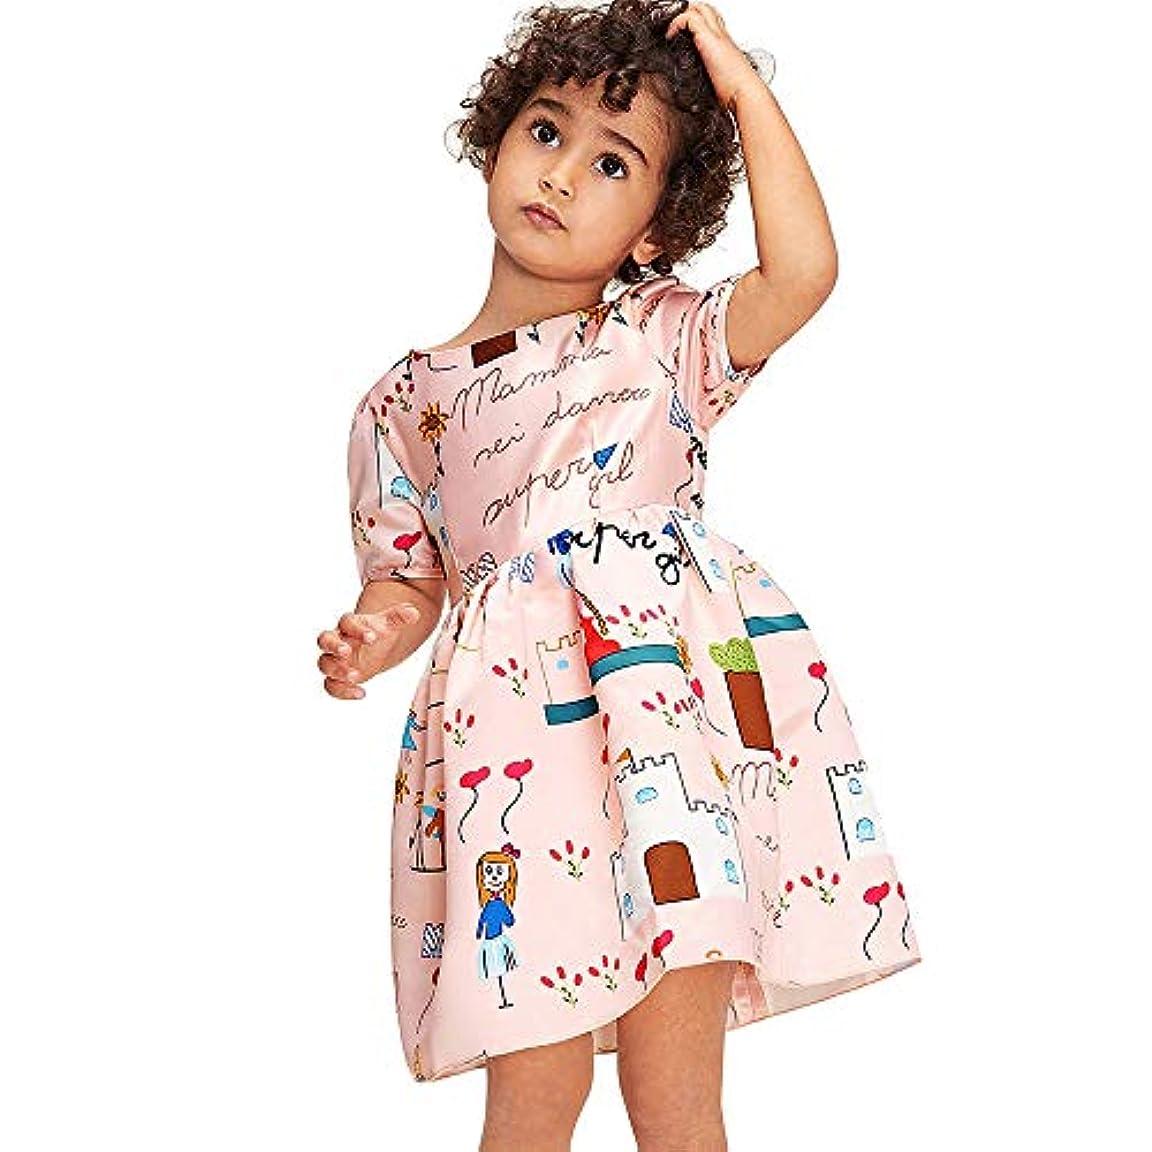 学習周囲倒産Tickas女の子の夏のドレスカラフルな漫画印刷プリンセスドレス半袖ドレスワンピース膝丈